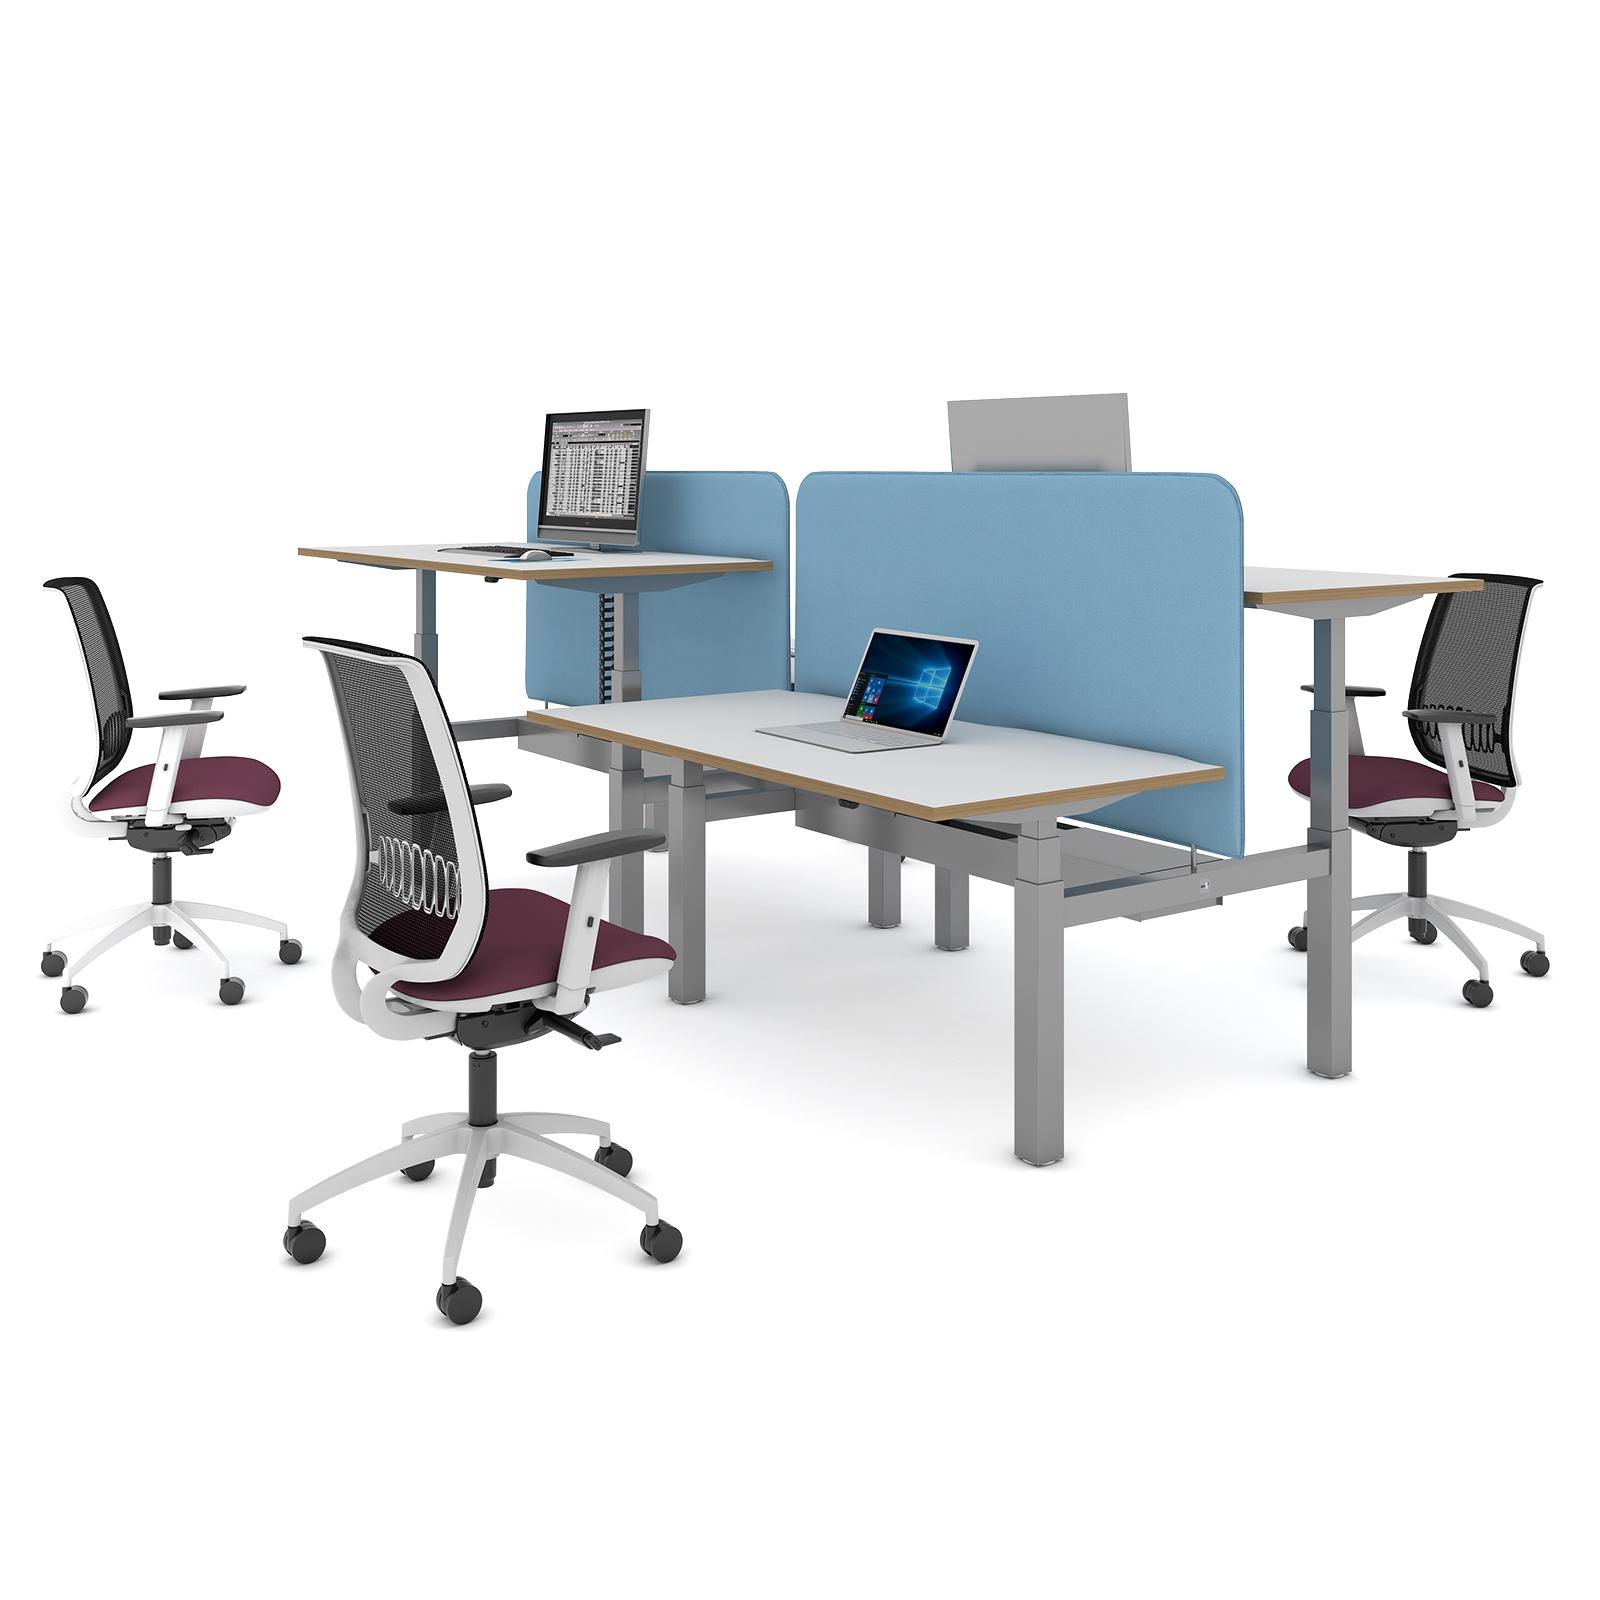 Elev8 Sit Stand Desk Range